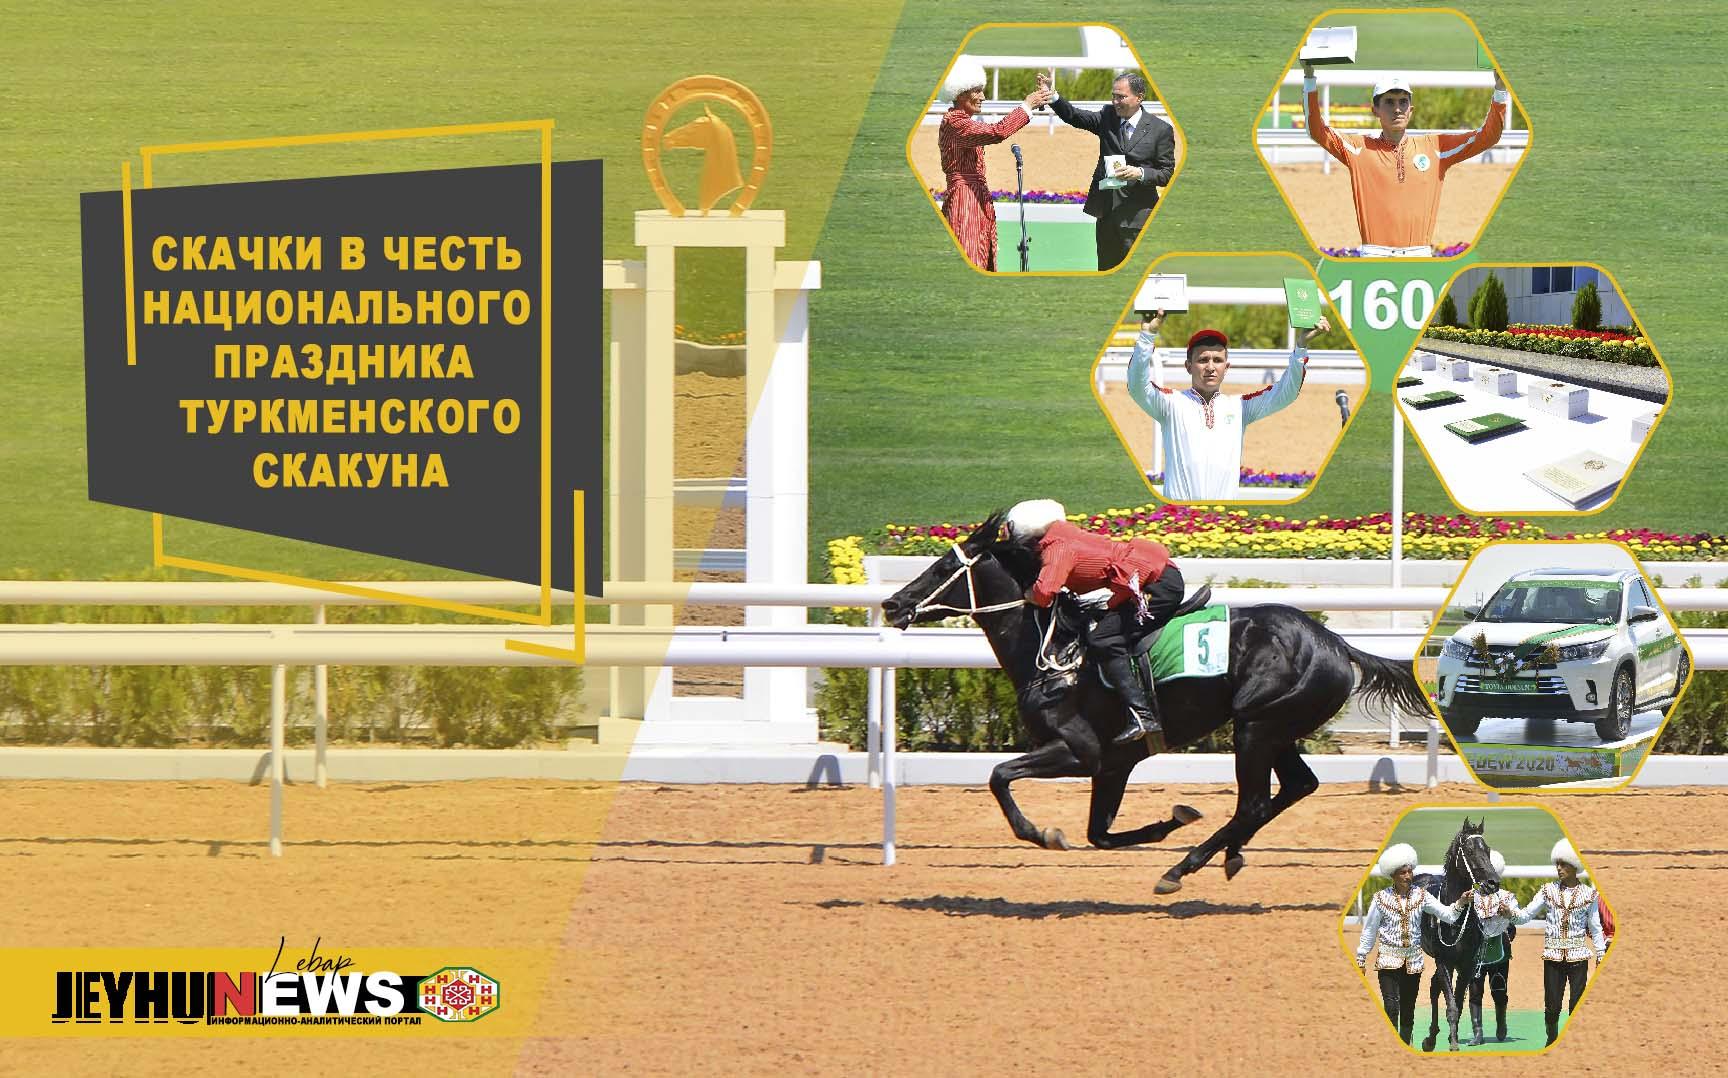 Скачки в честь Национального праздника туркменского скакуна